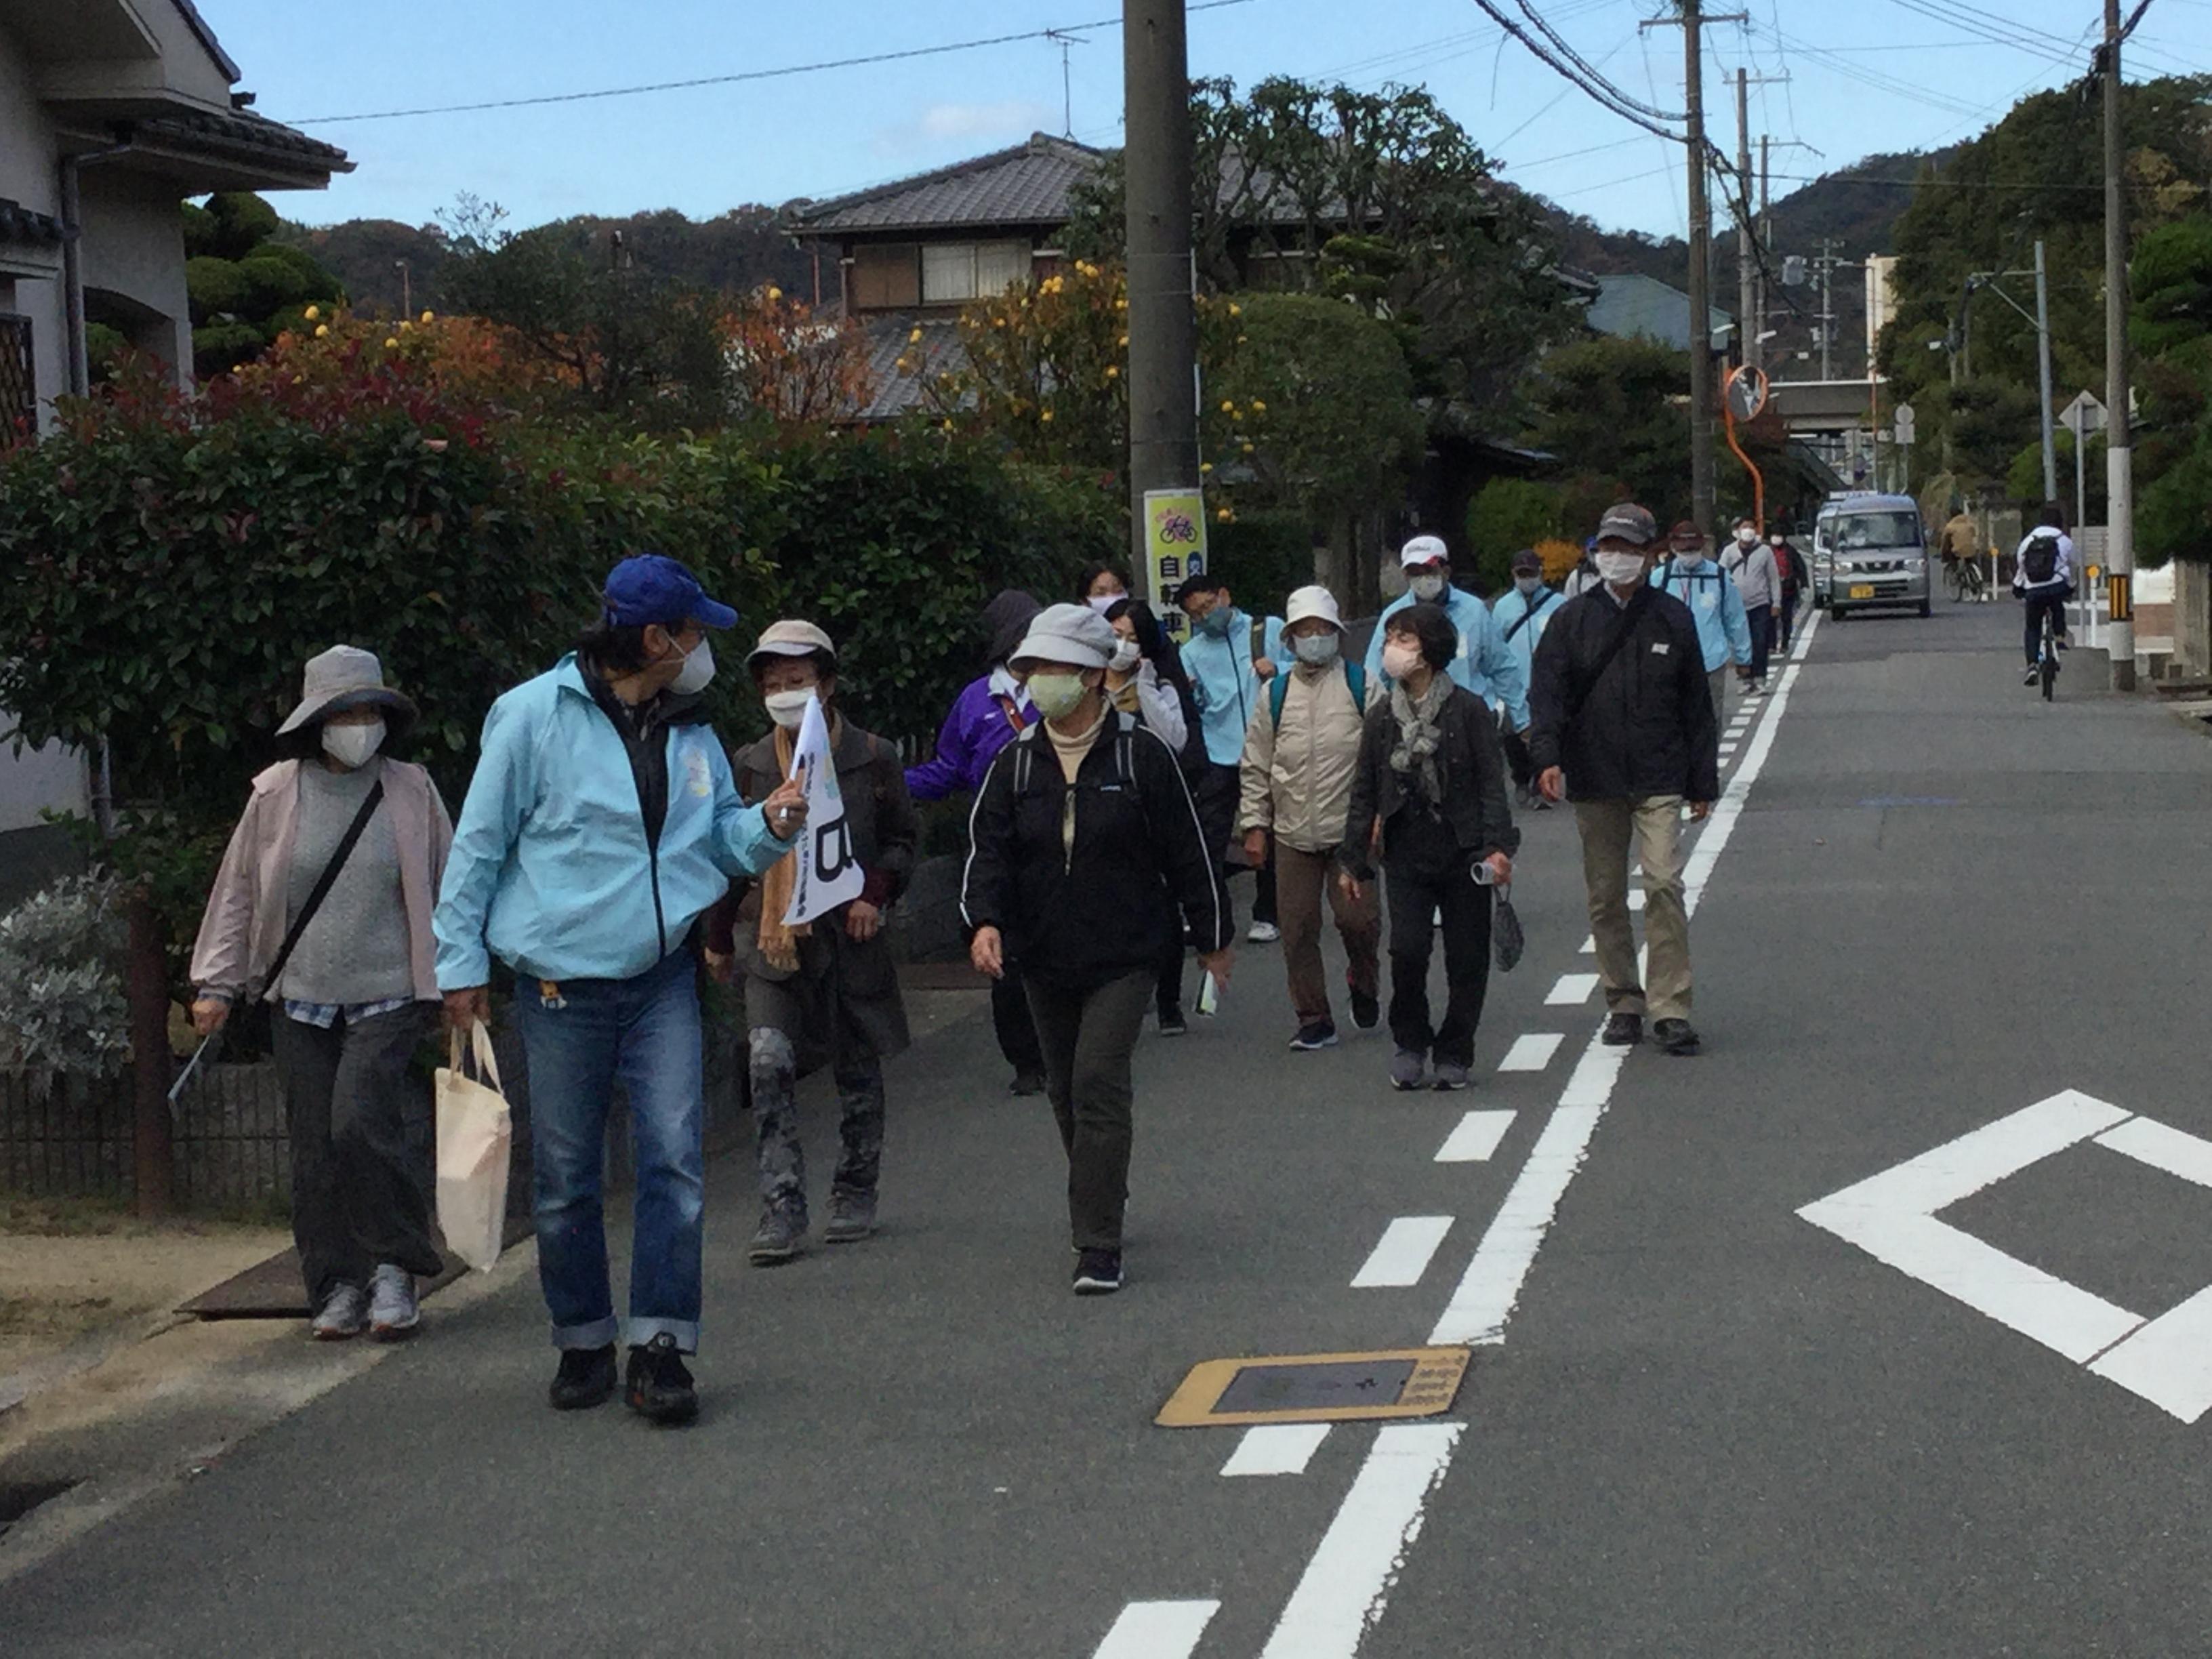 JR曽根駅発のコースは岡本さんが旗を揚げ先導です。阿弥陀地区の5か所の地点から名所旧跡を巡り、ゴールの市ノ池公園を目指しました。